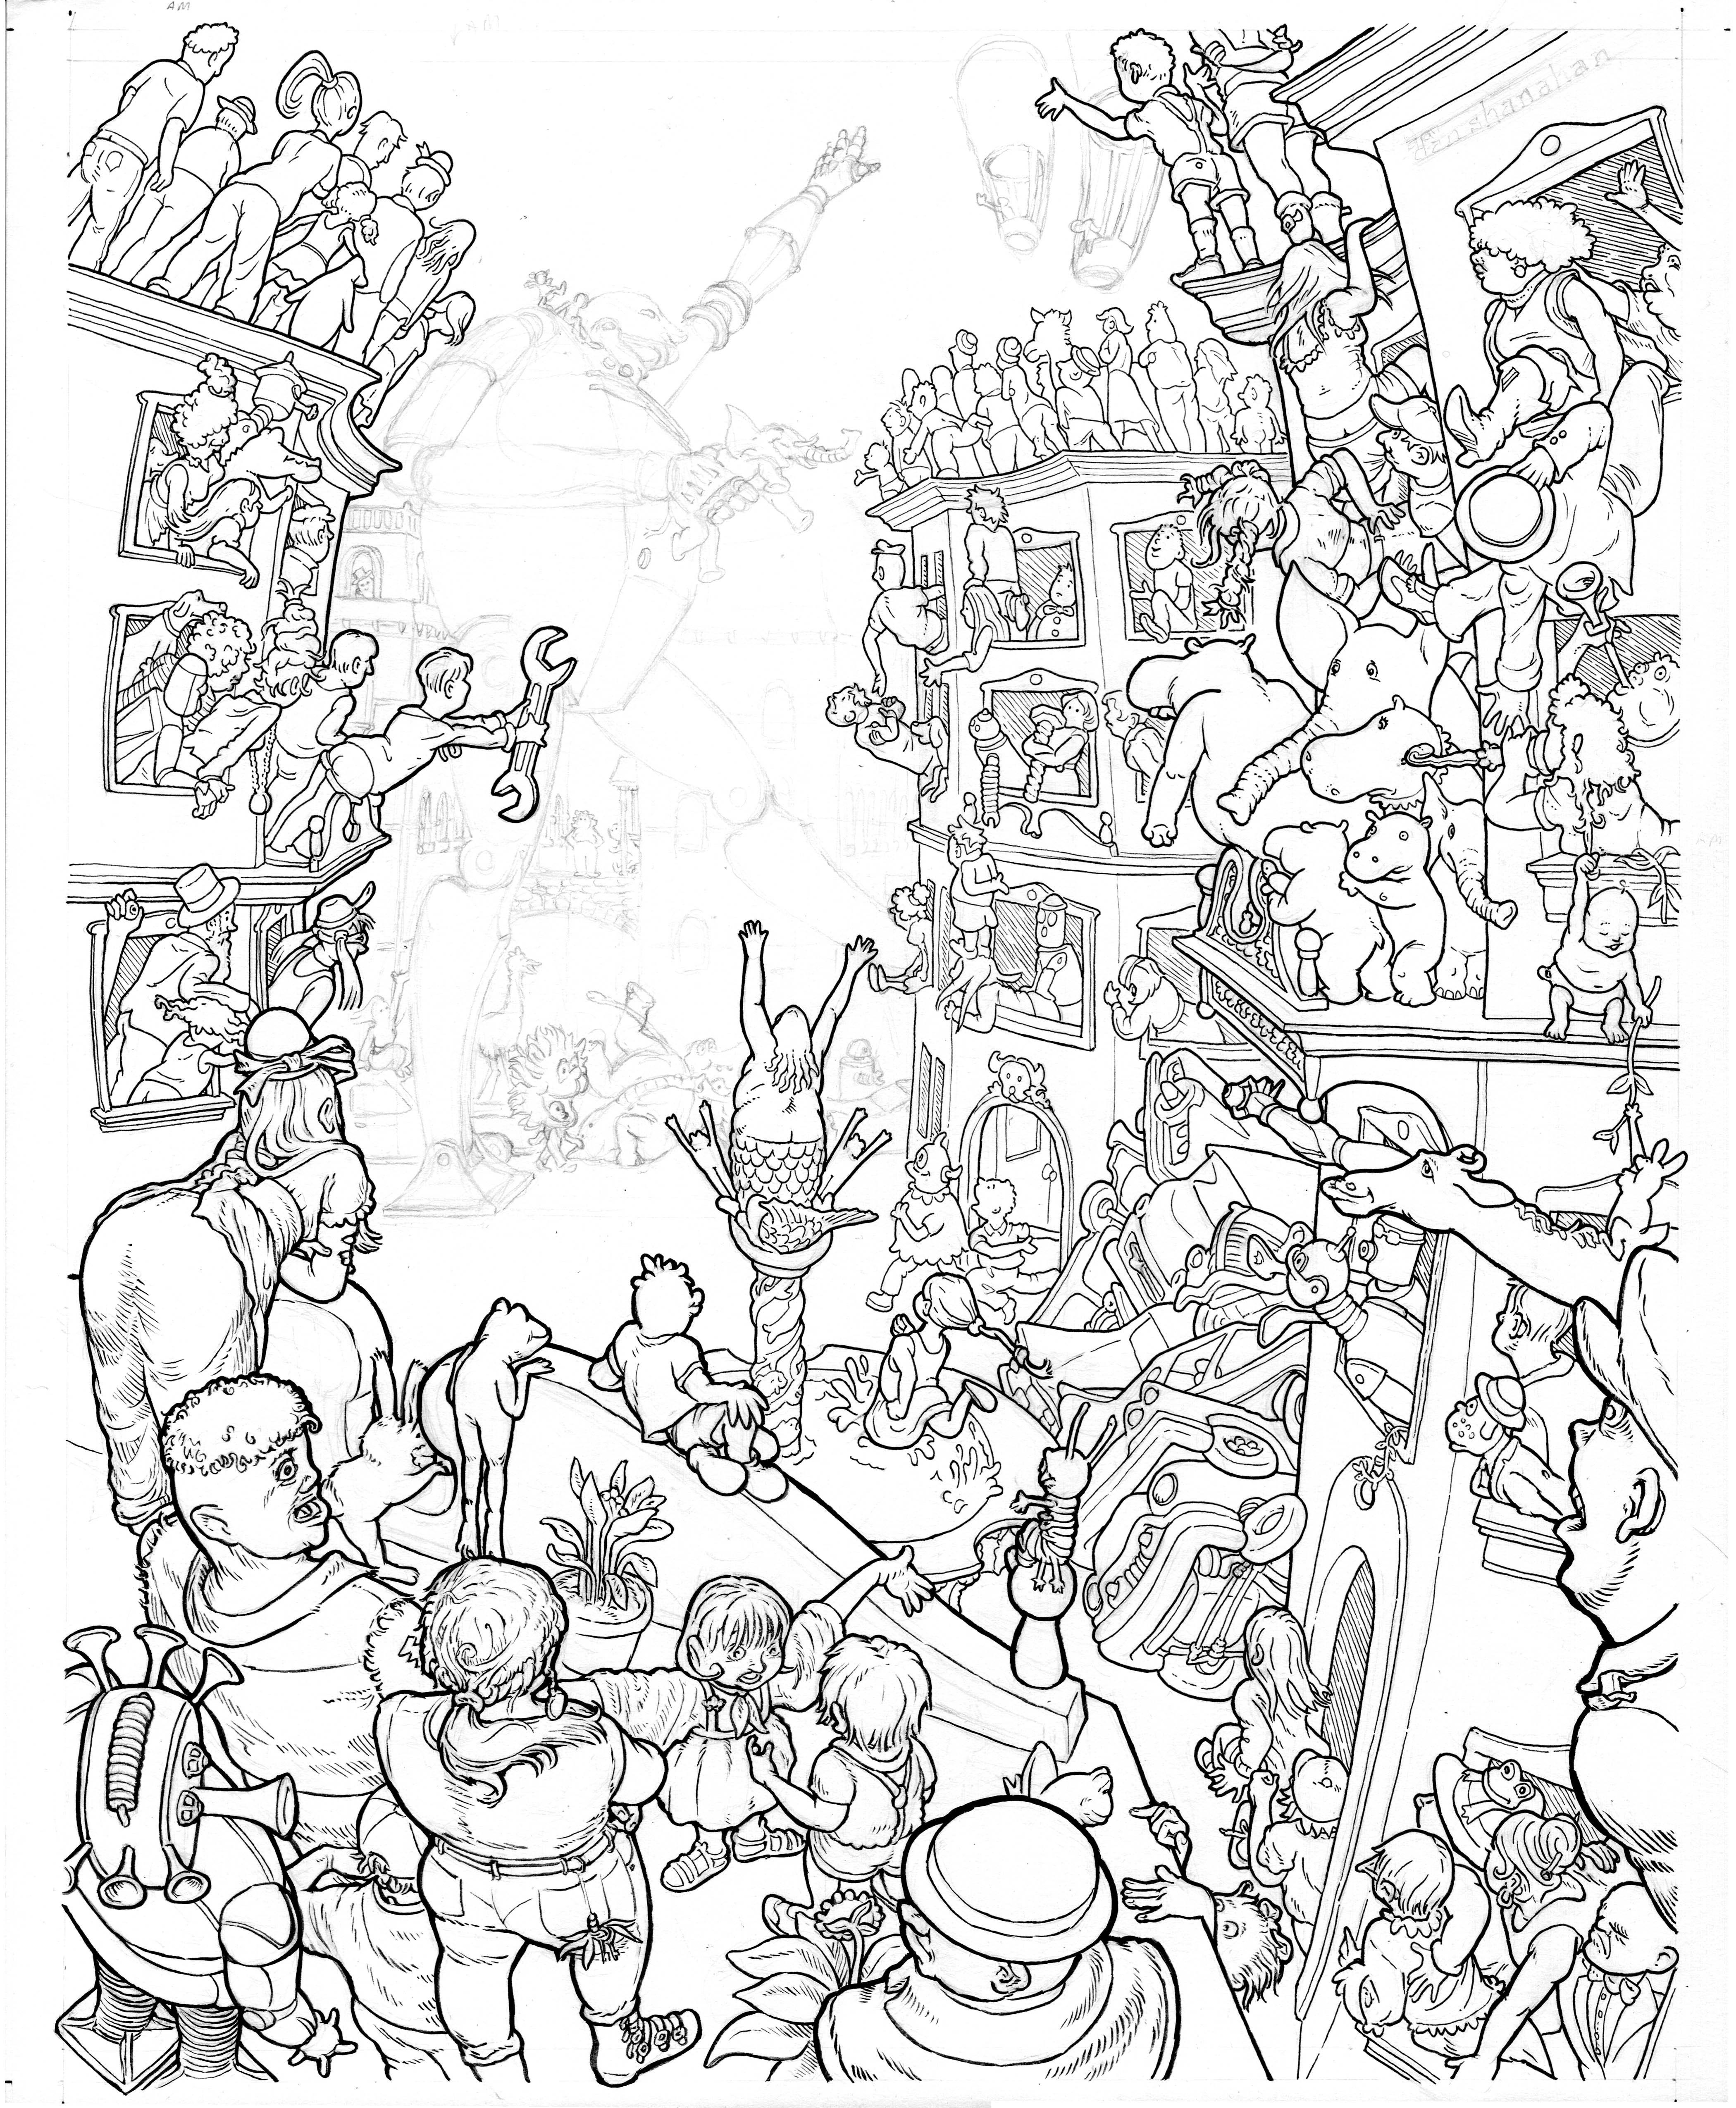 Parade Drawing